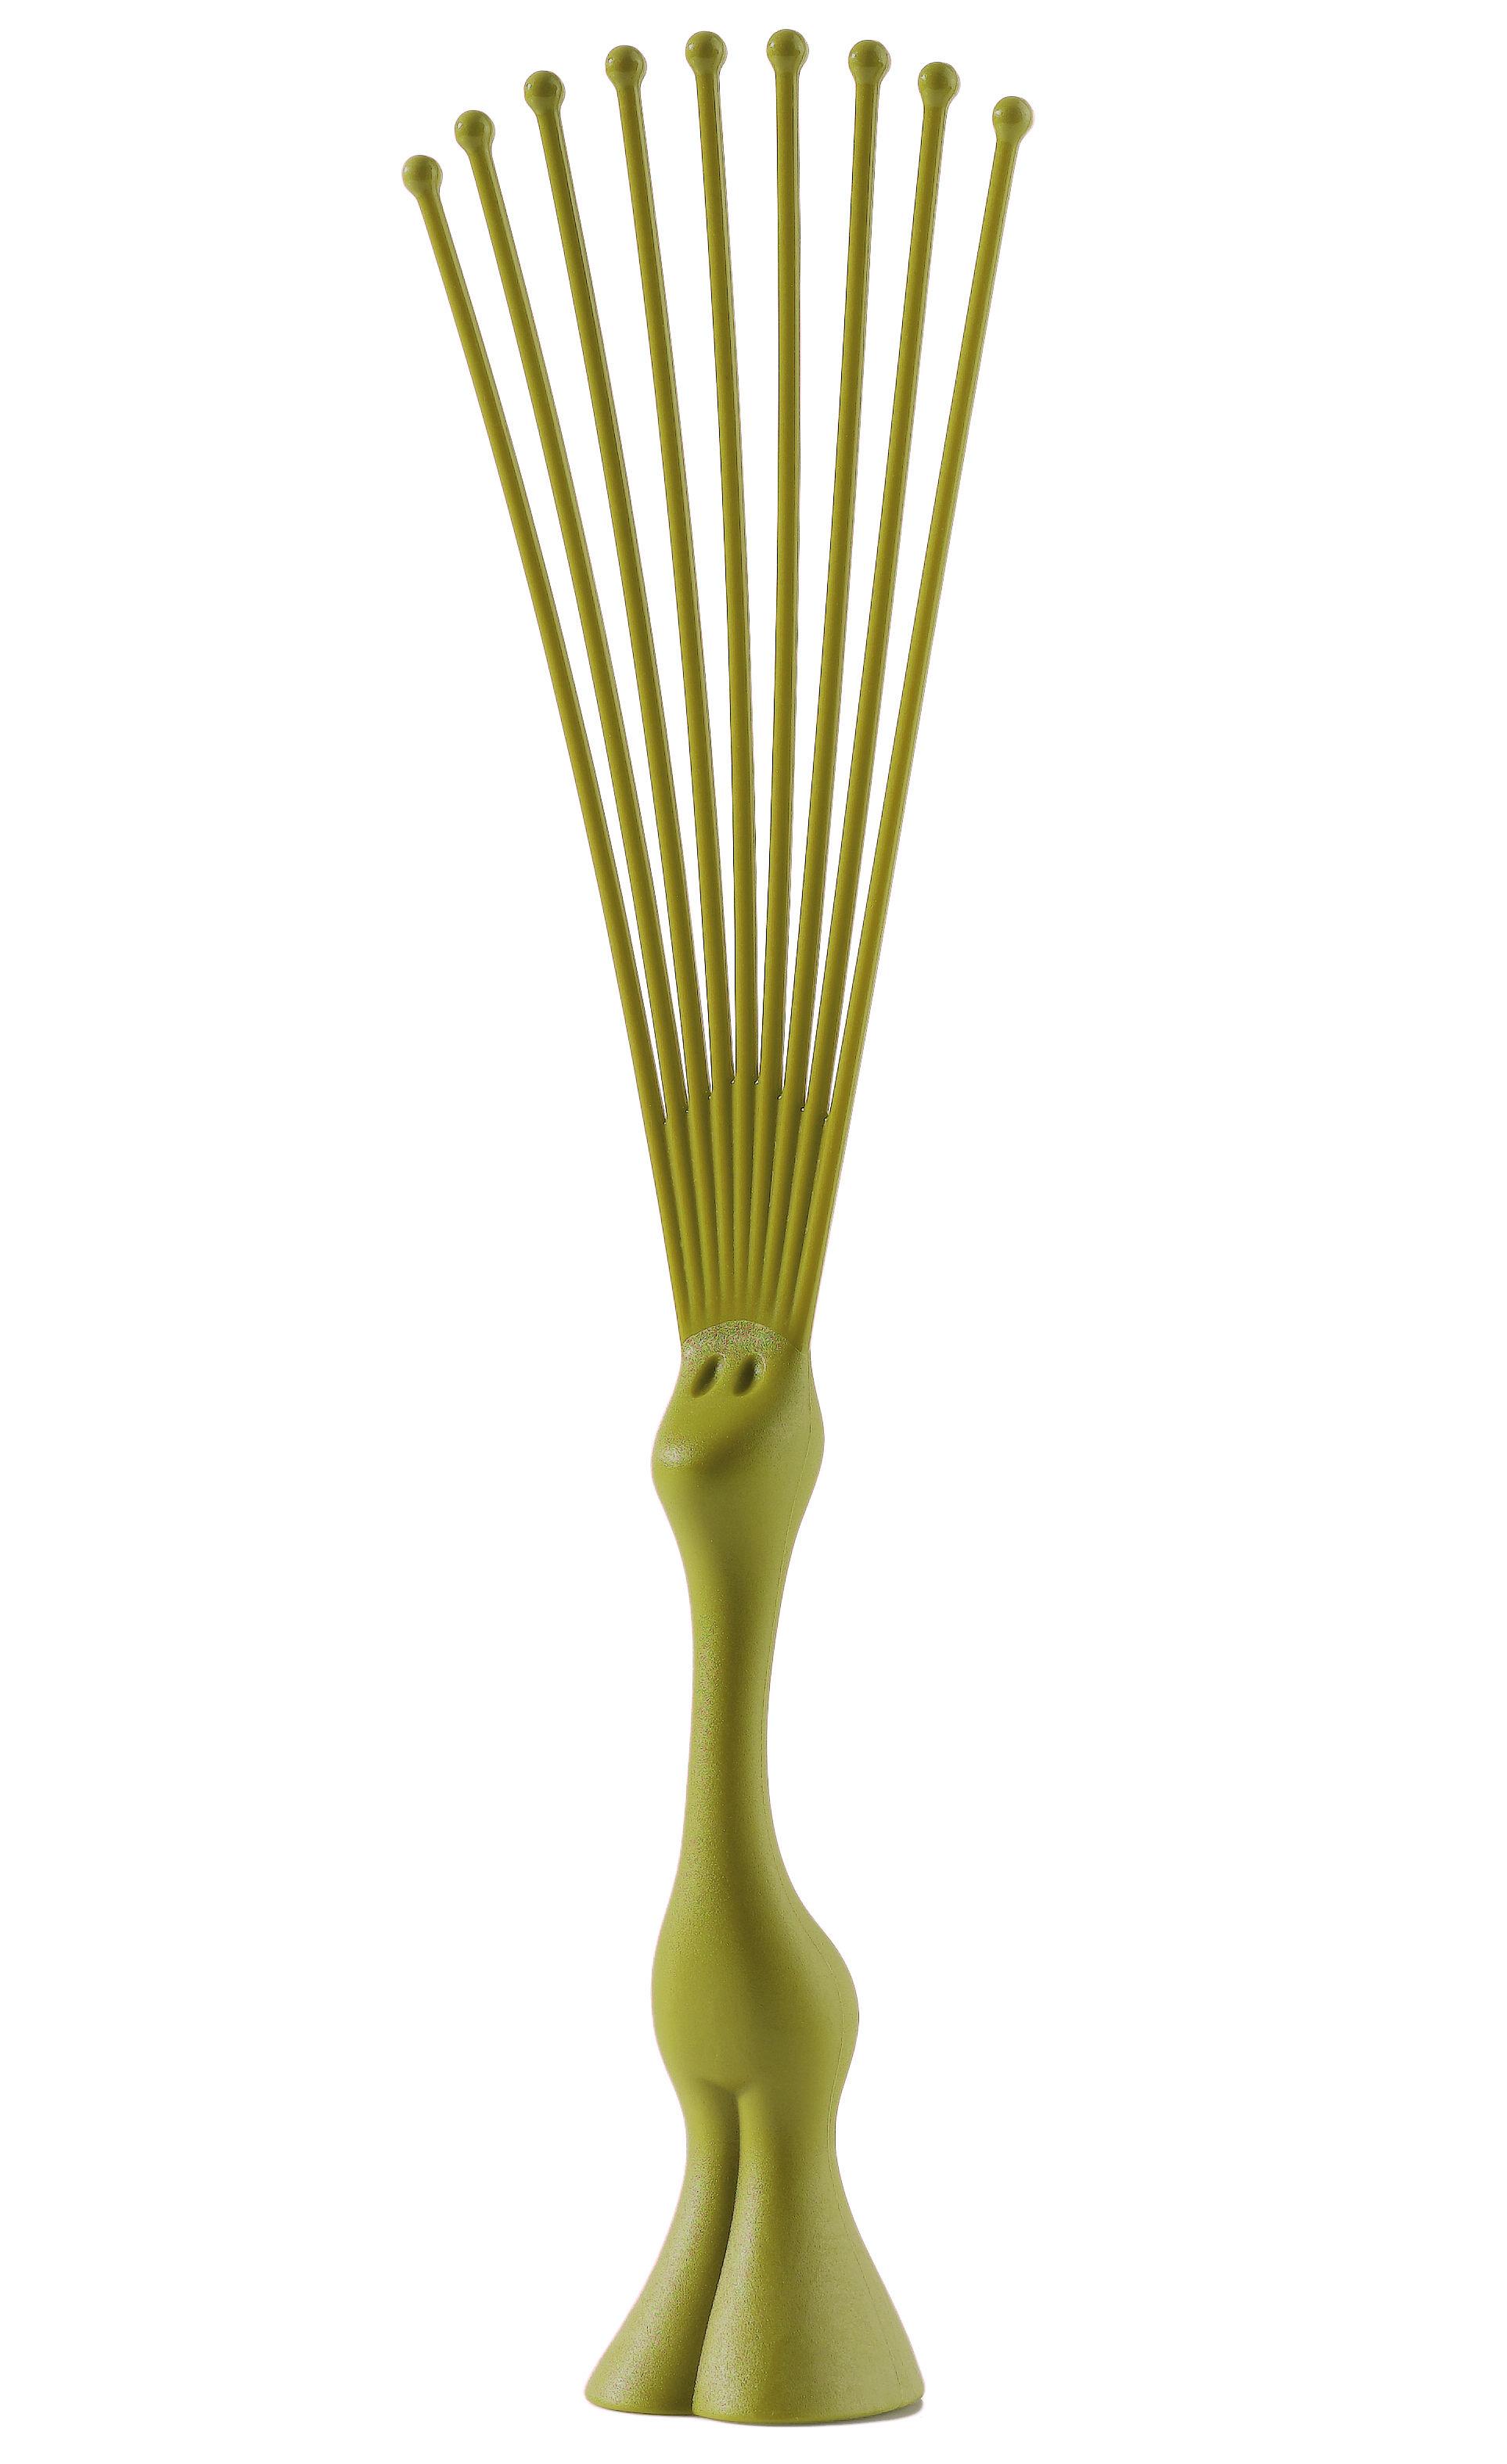 Scopri frusta da cucina gloria verde senape di koziol made in design italia - Frusta da cucina ...